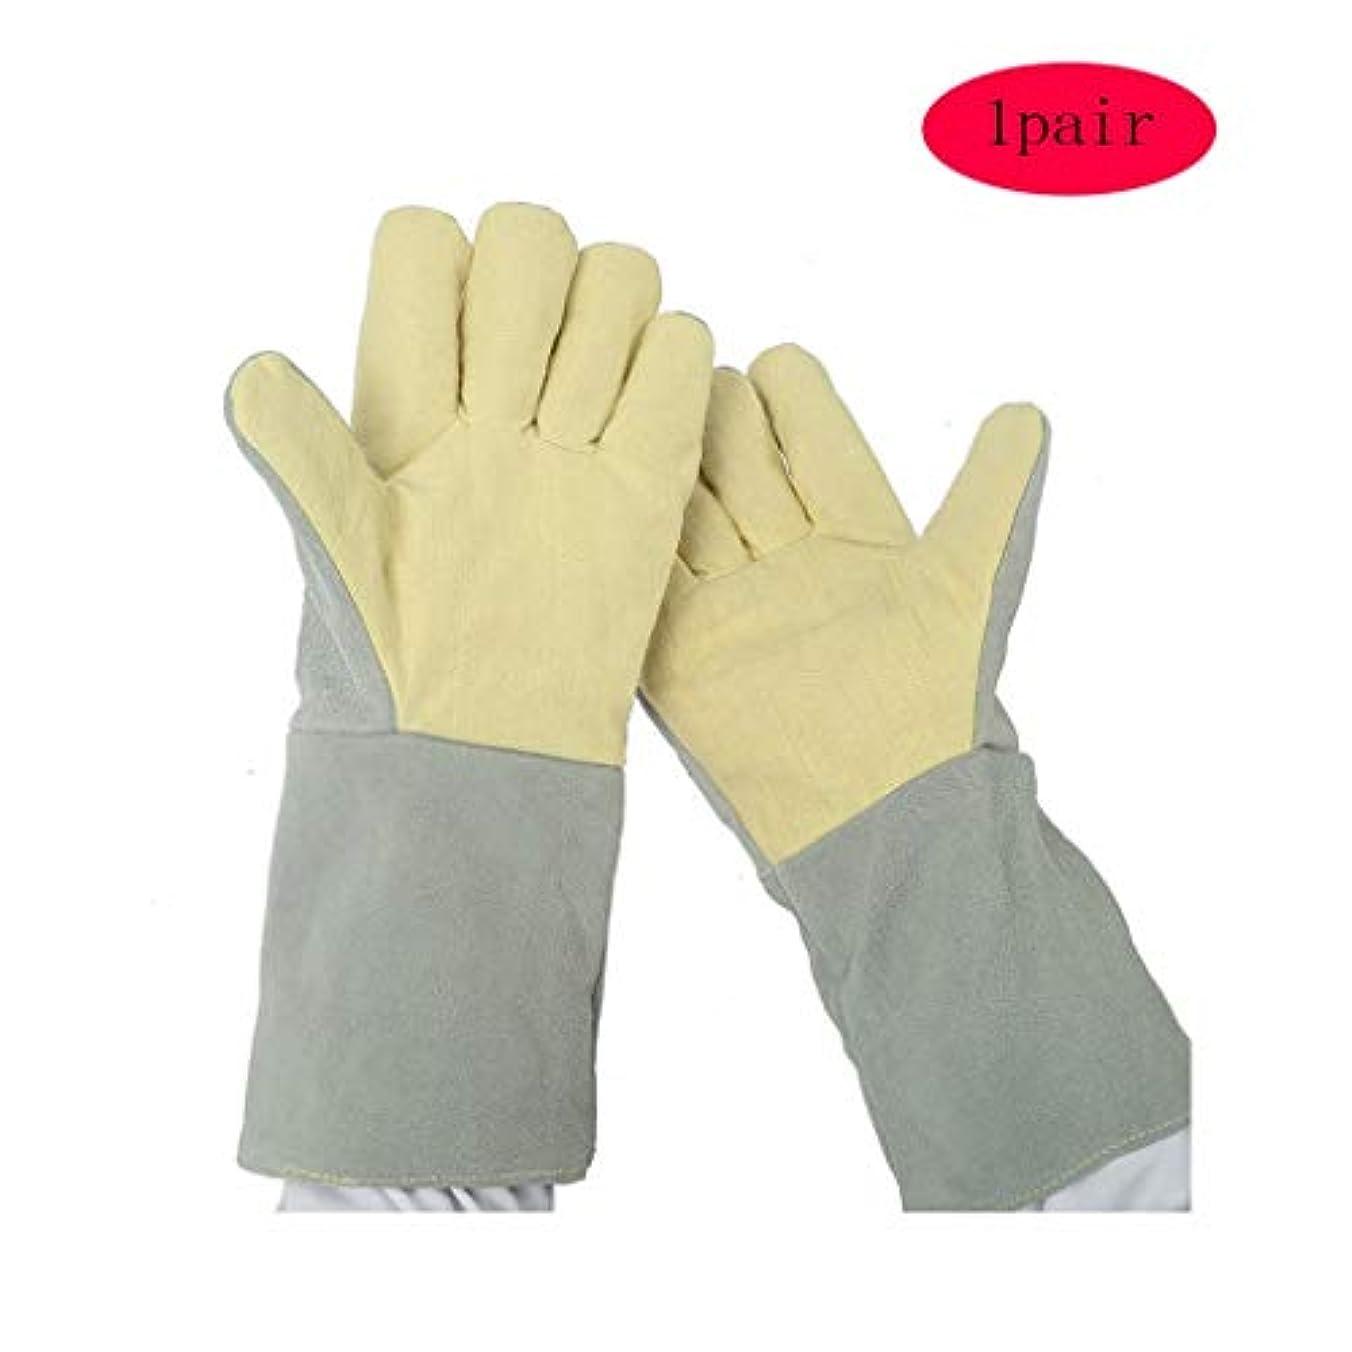 昼寝モッキンバード句QCRLB 溶接用手袋/労働保護用手袋/整備工作用耐油滑り止め手袋/現場操作用耐摩耗手袋/ダブル1個/ -38cm ゴム手袋